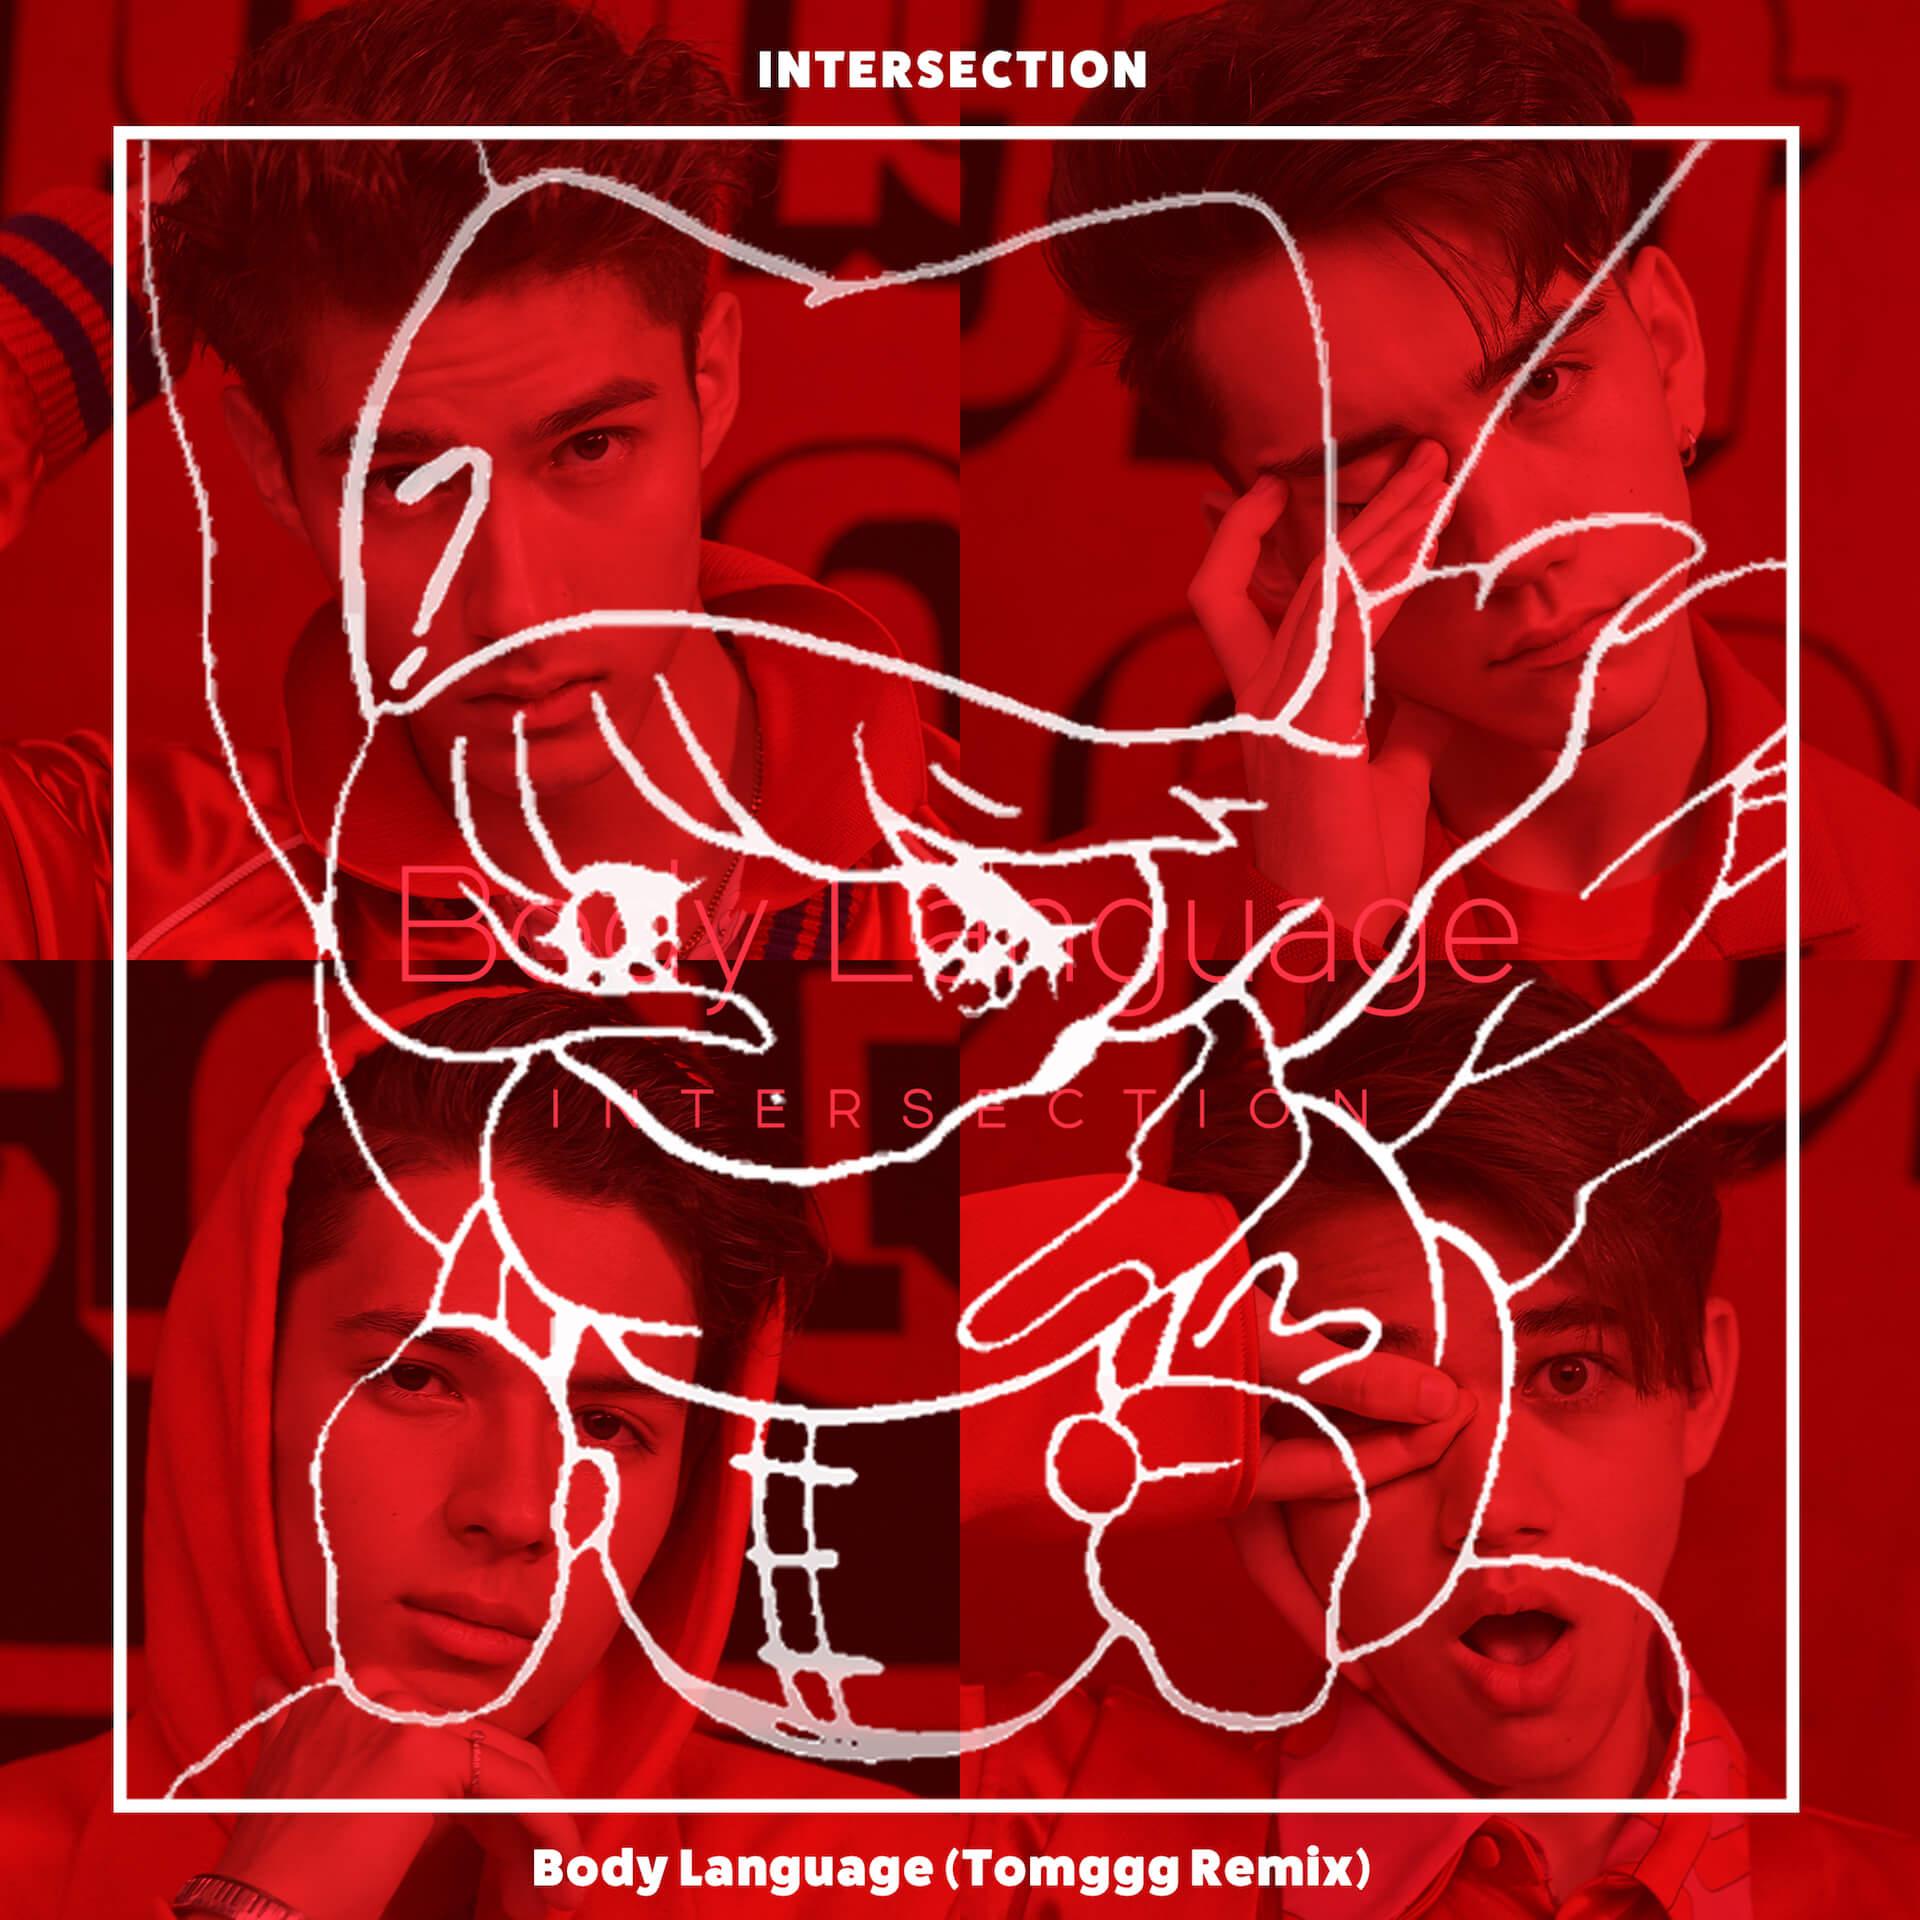 今大注目のボーイズグループ・INTERSECTIONがユニクロのWEB CMに出演!全世界で放送開始 art191031_intersection_cm_2